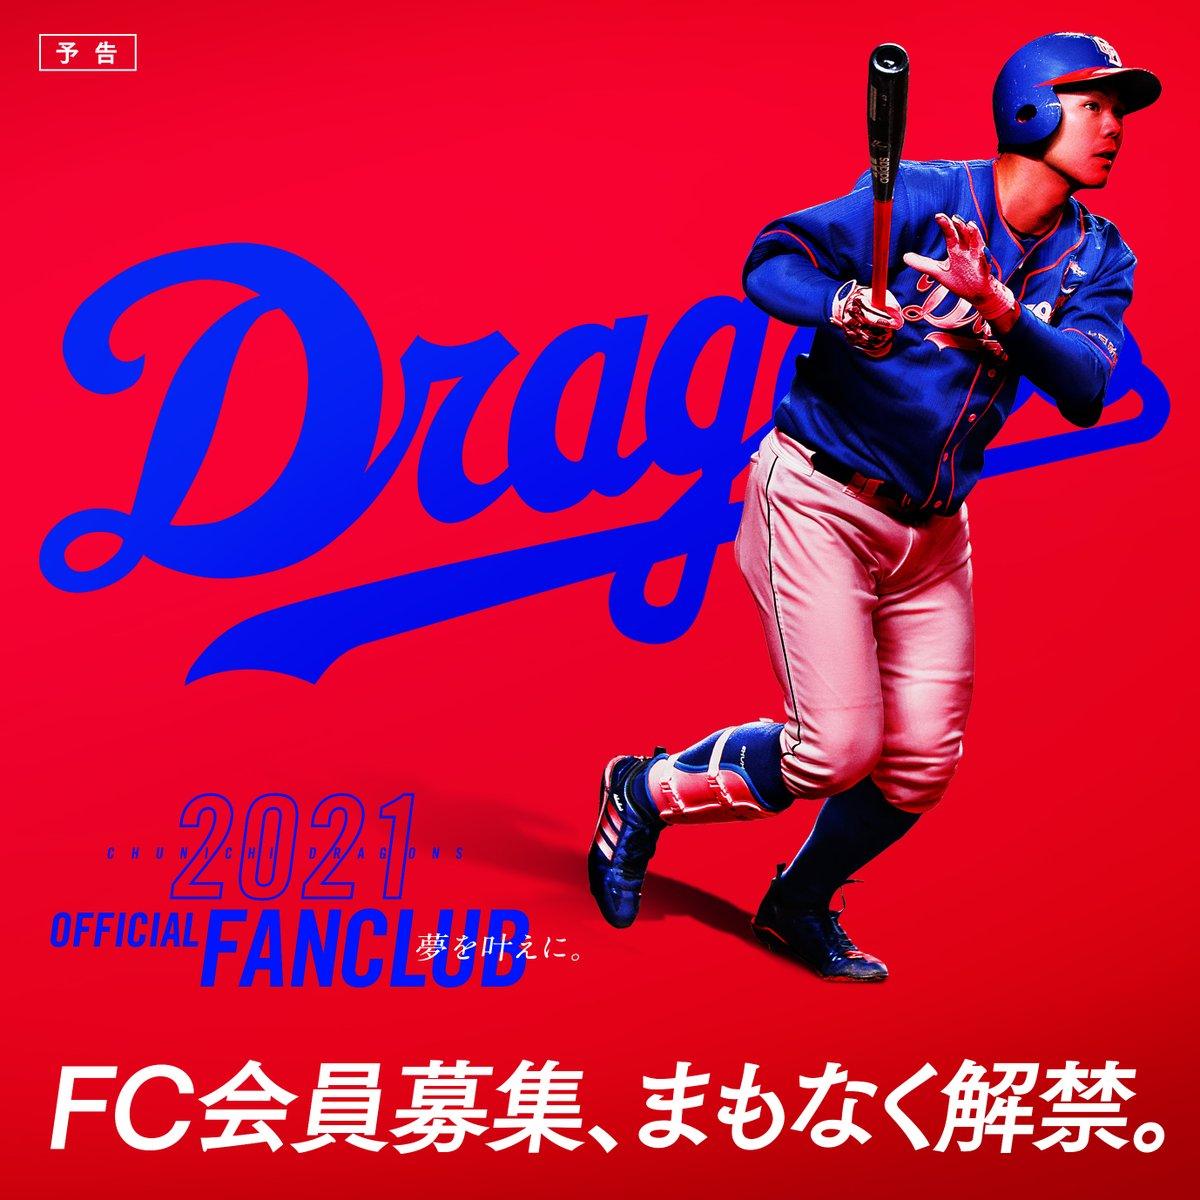 中日ドラゴンズ公式 (@DragonsOfficial) | Twitter